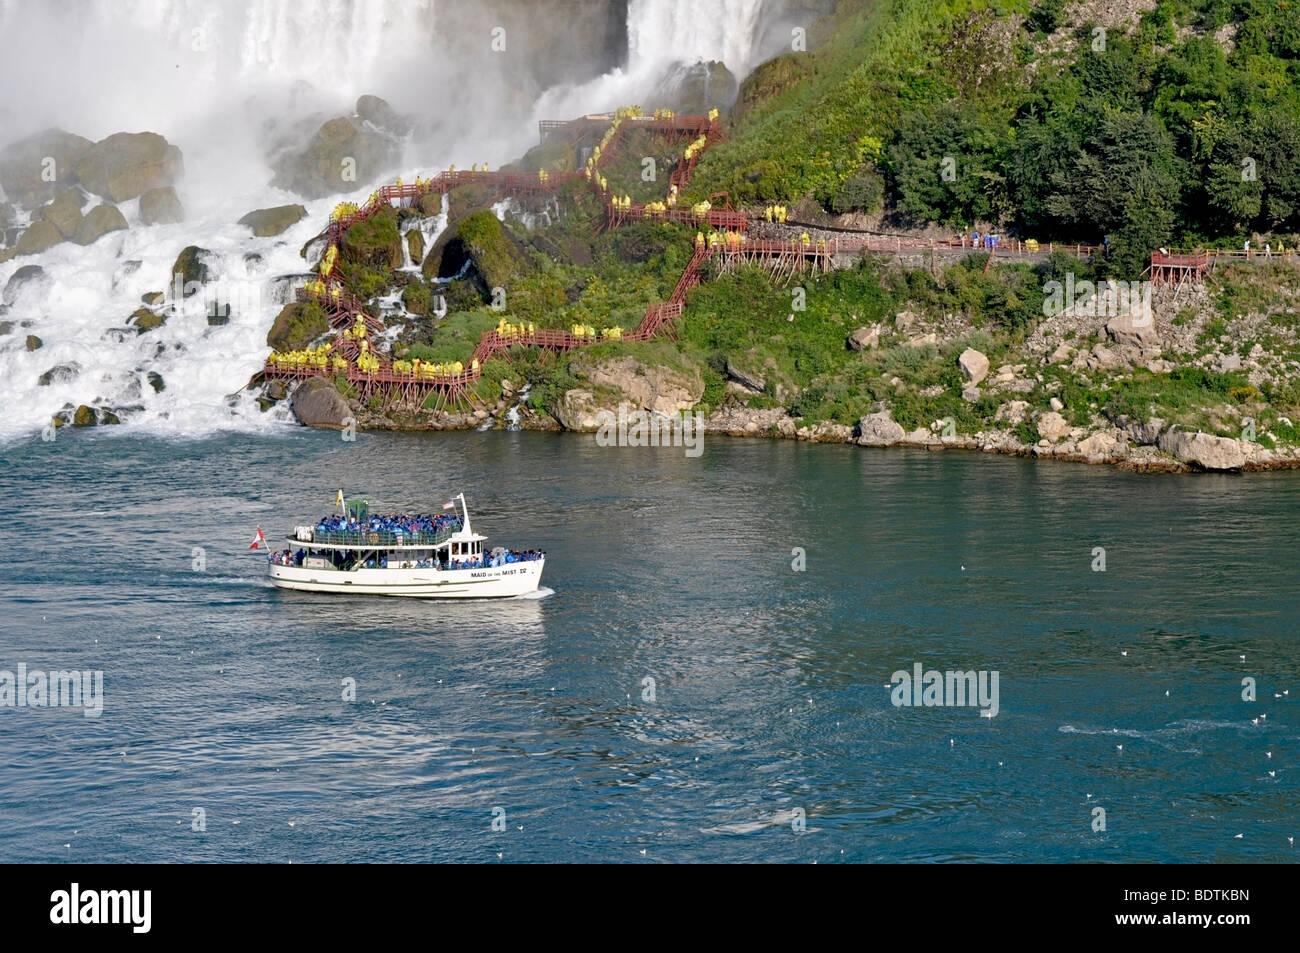 Maid of the Mist boat avec les touristes, Niagara Falls, Canada Photo Stock